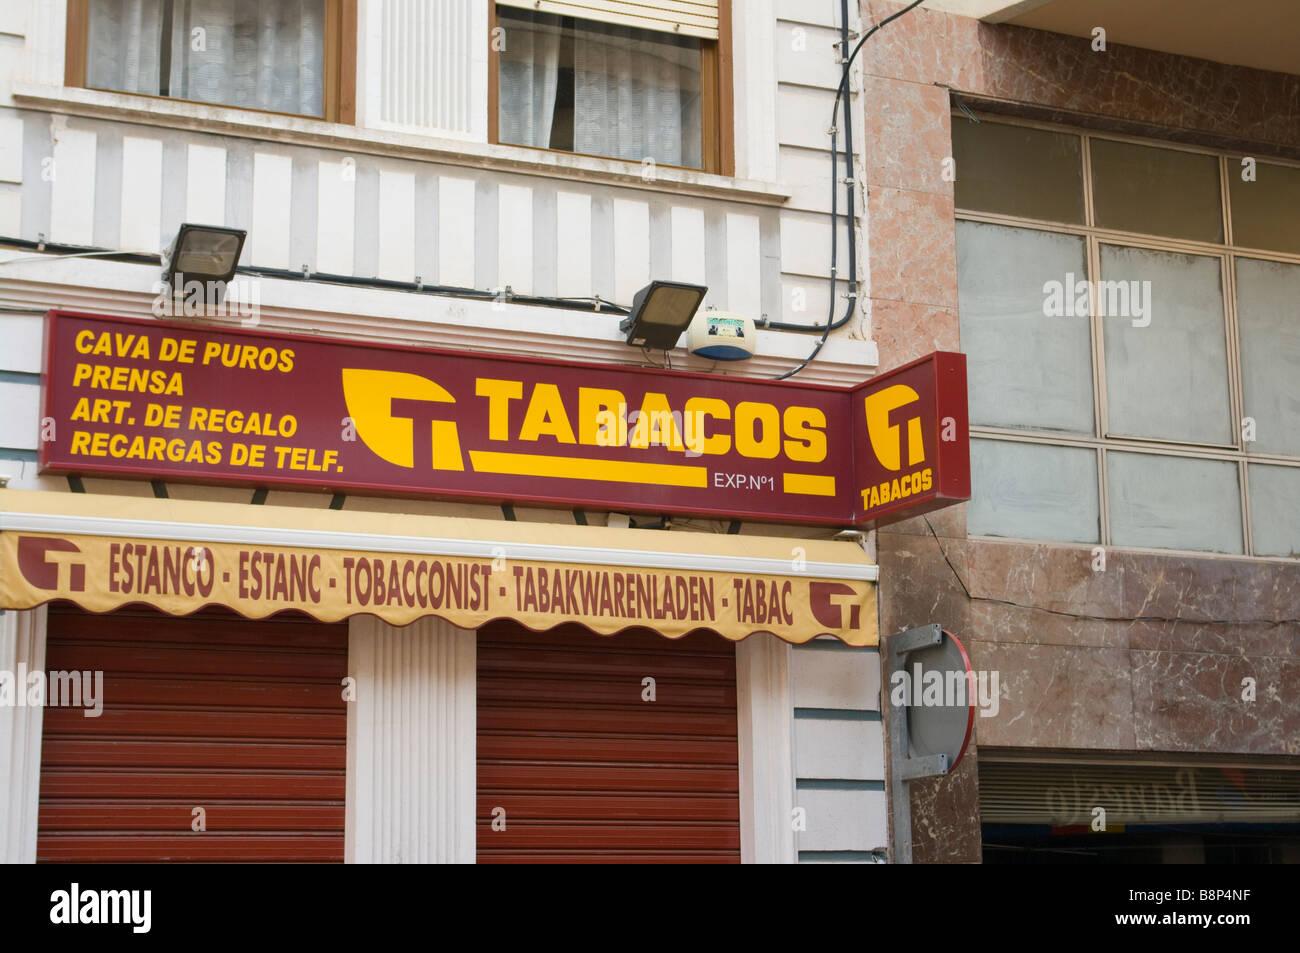 bureau de tabac en espagnol bureau de tabac espagnol en ligne tabac le gouvernement veut mes. Black Bedroom Furniture Sets. Home Design Ideas